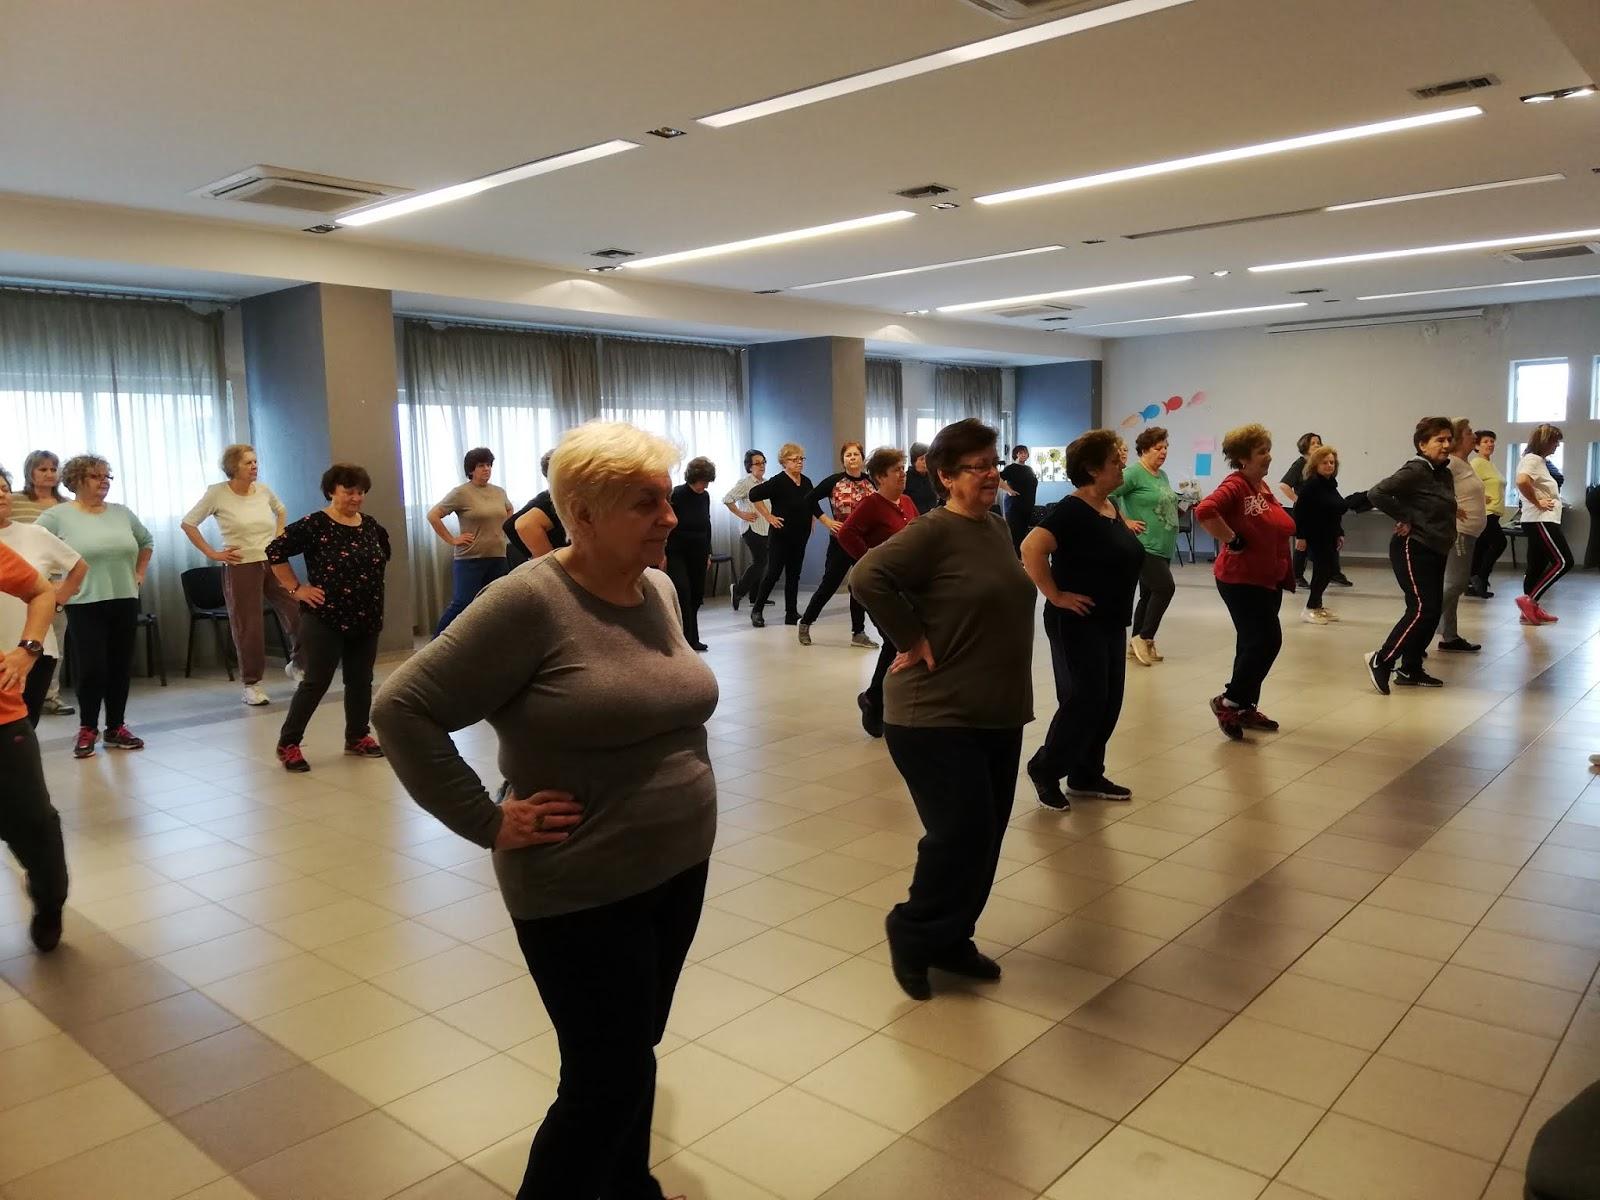 Πάνω από 700 Μέλη των ΚΑΠΗ του Δήμου Λαρισαίων εκπαιδεύονται σε νέα επιμορφωτικά και ψυχαγωγικά προγράμματα